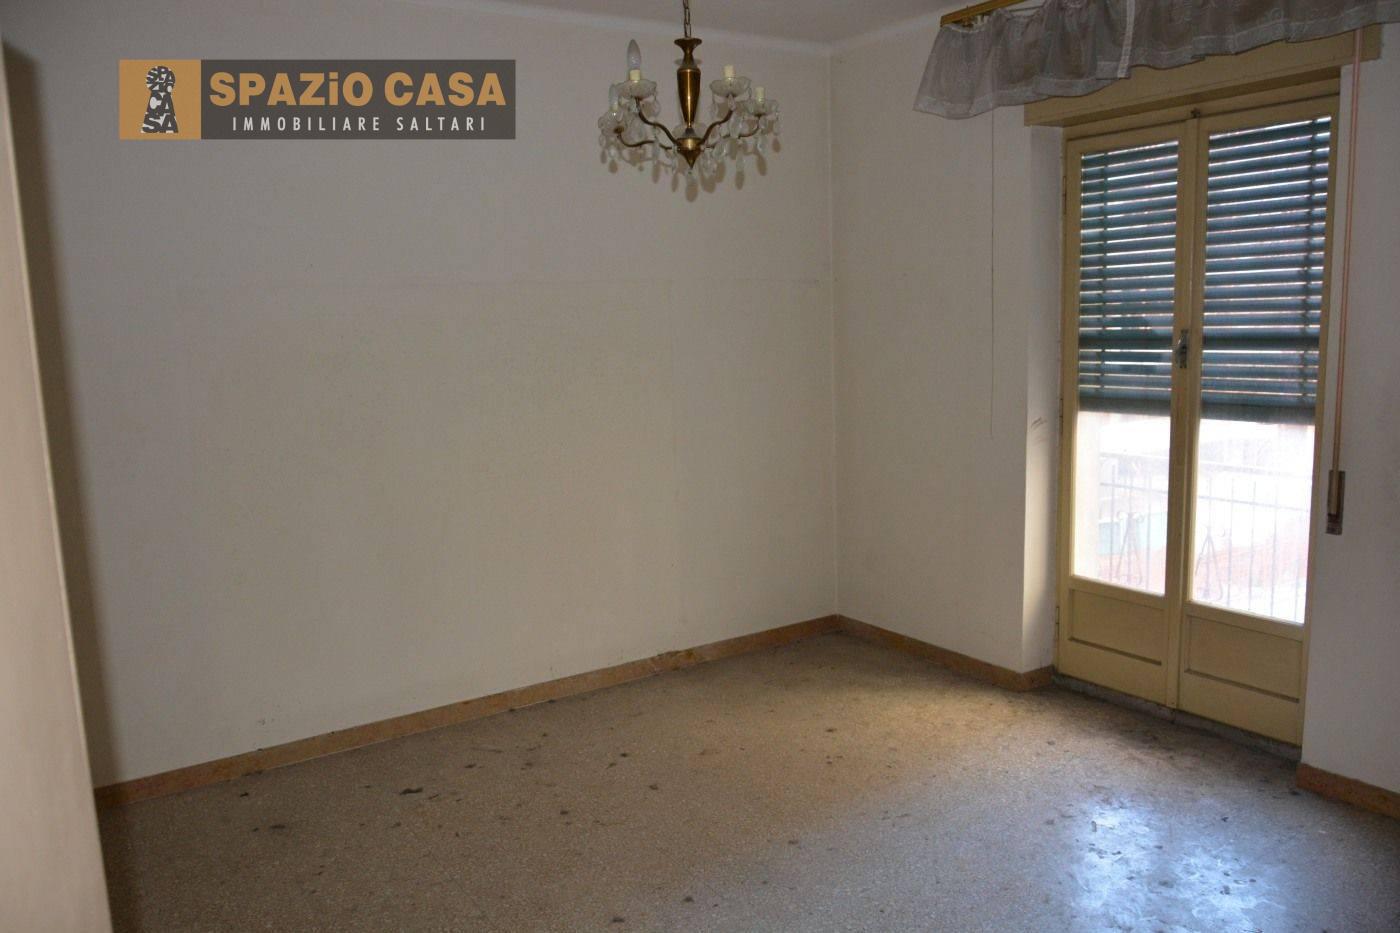 Appartamento MONTEGRANARO vendita    Spazio Casa di Massimo Saltari